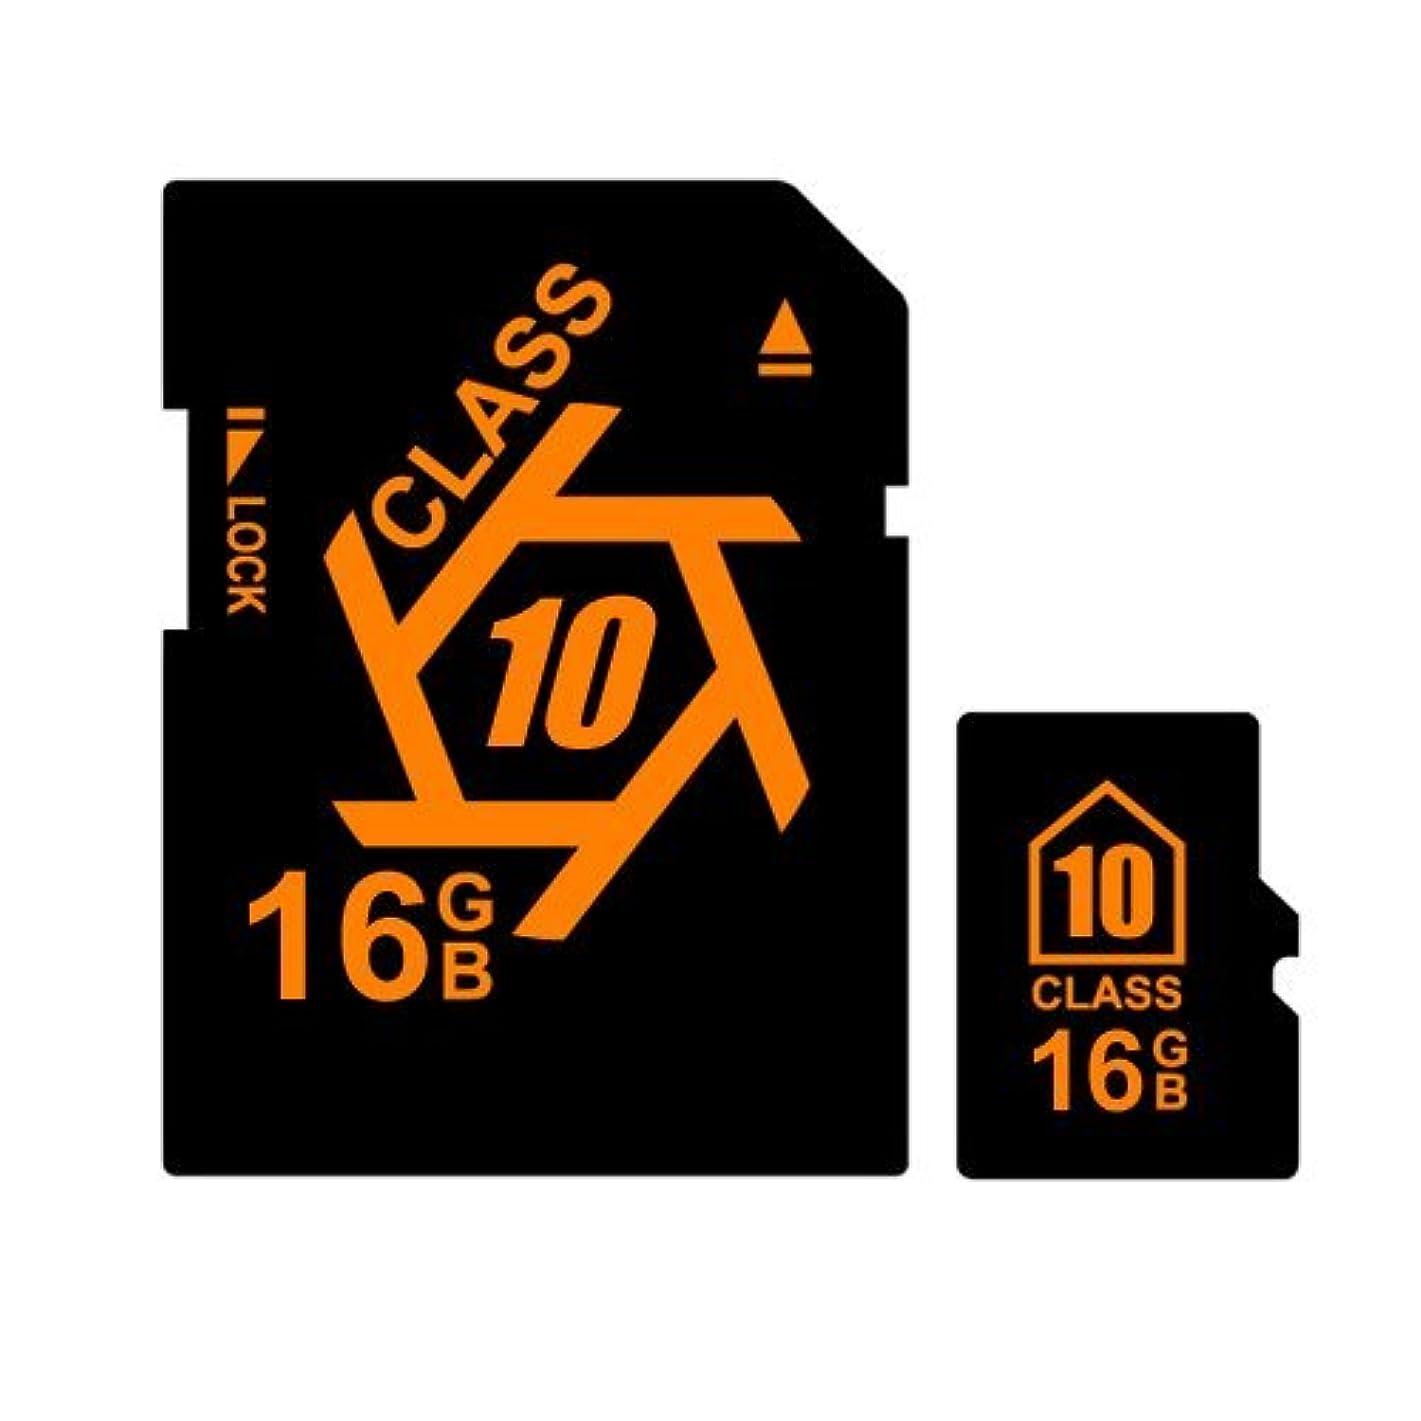 一般精通した災難【防犯CAMCAM(防犯カムカム)オリジナル】 microSDカード microSDHCカード マイクロSDカード メモリーカード CLASS10 16GB 変換アダプター付属 pc-msd-16gb10